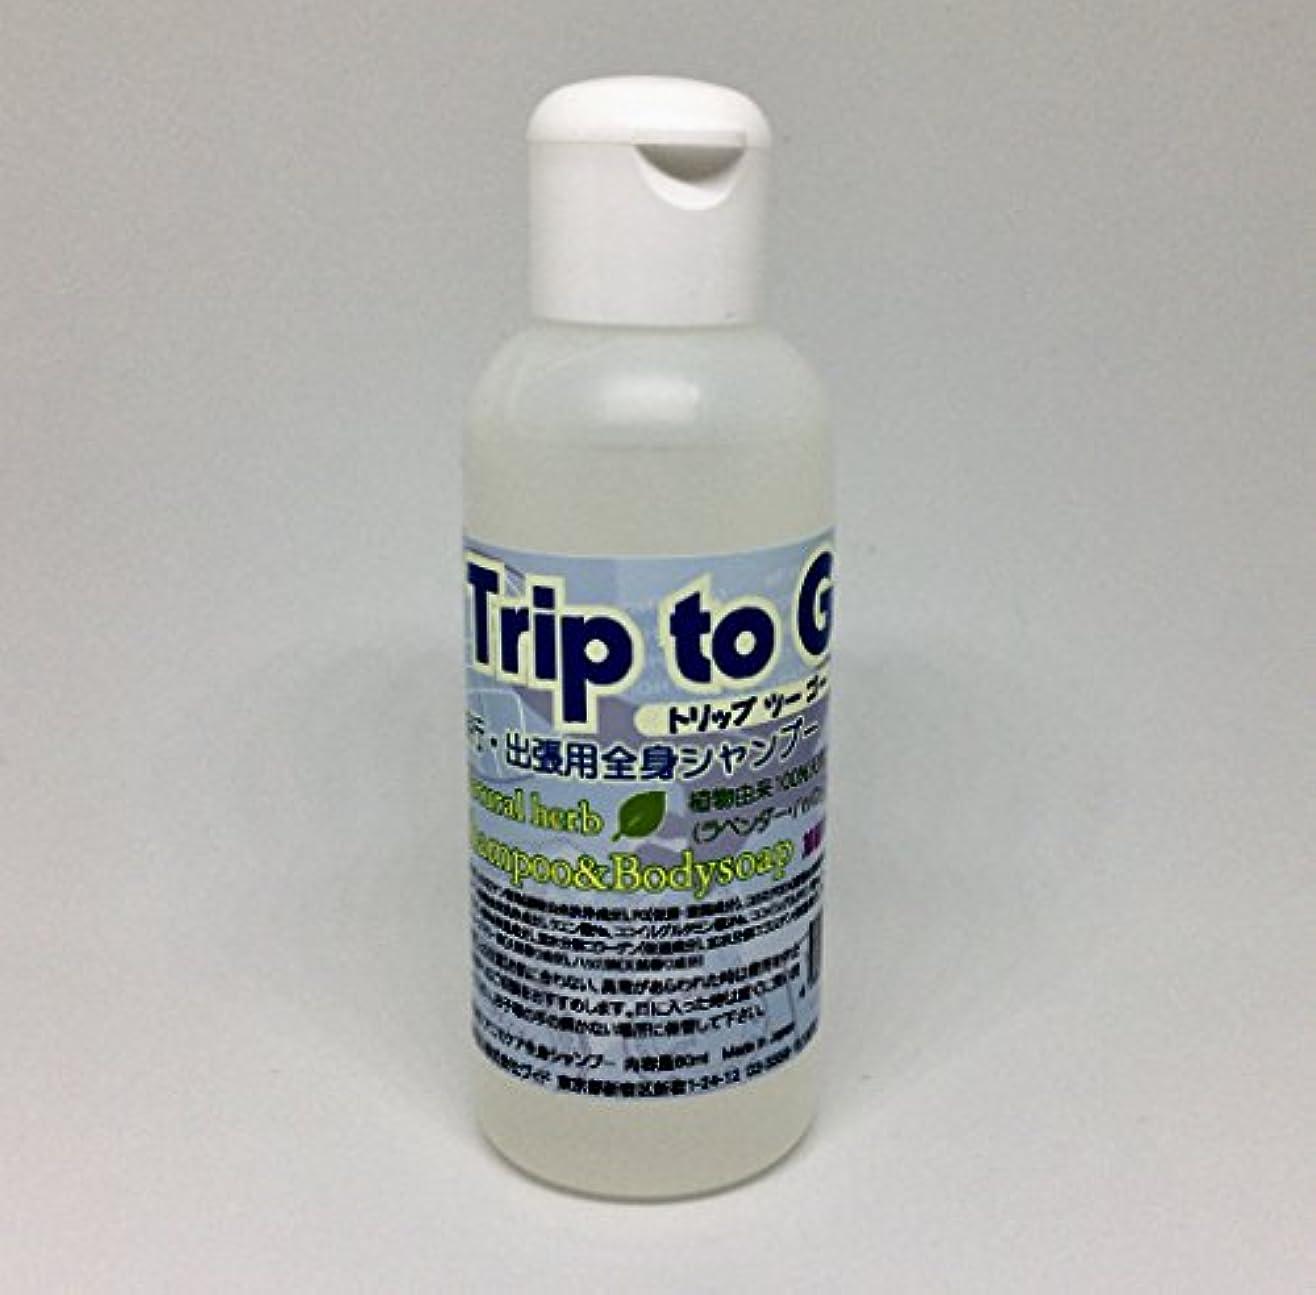 配分市場イルTrip to Go(トリップツーゴー) 全身シャンプー 60ml 旅行/出張にコレ1本 ただいま送料無料です。